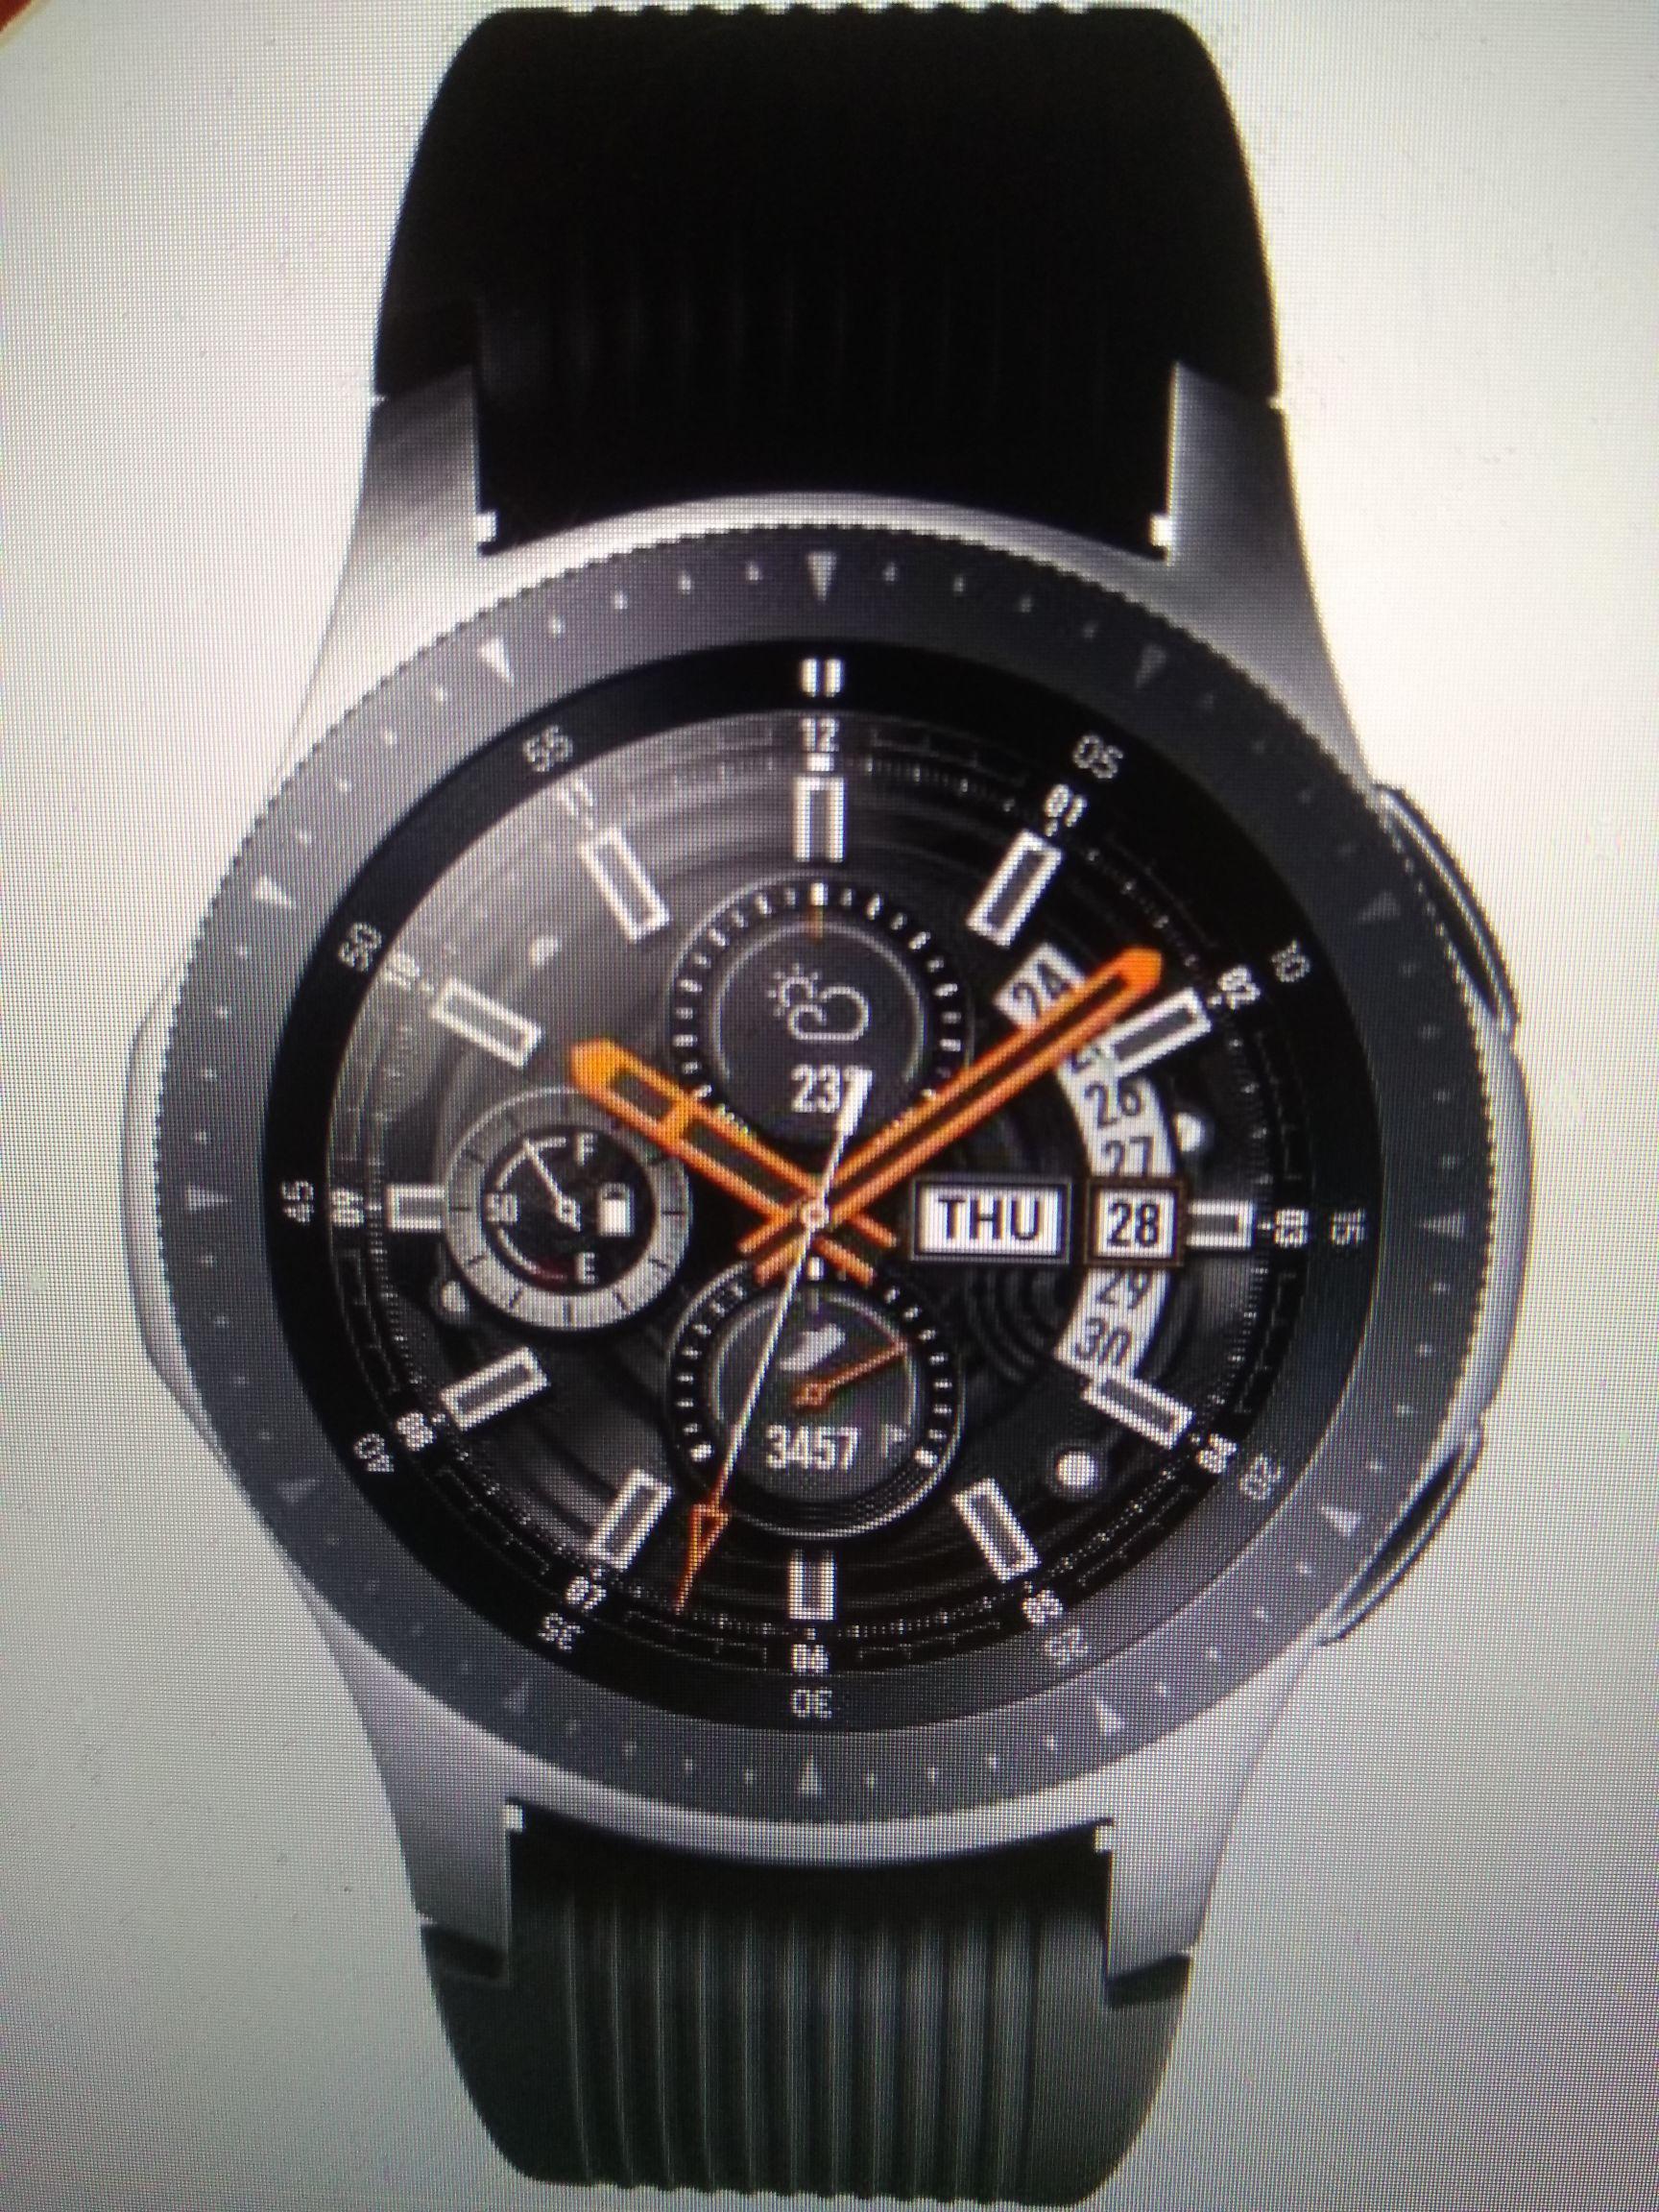 Samsung Galaxy 46mm 4GB Bluetooth Smart Watch - Silver £129.99 at Argos eBay